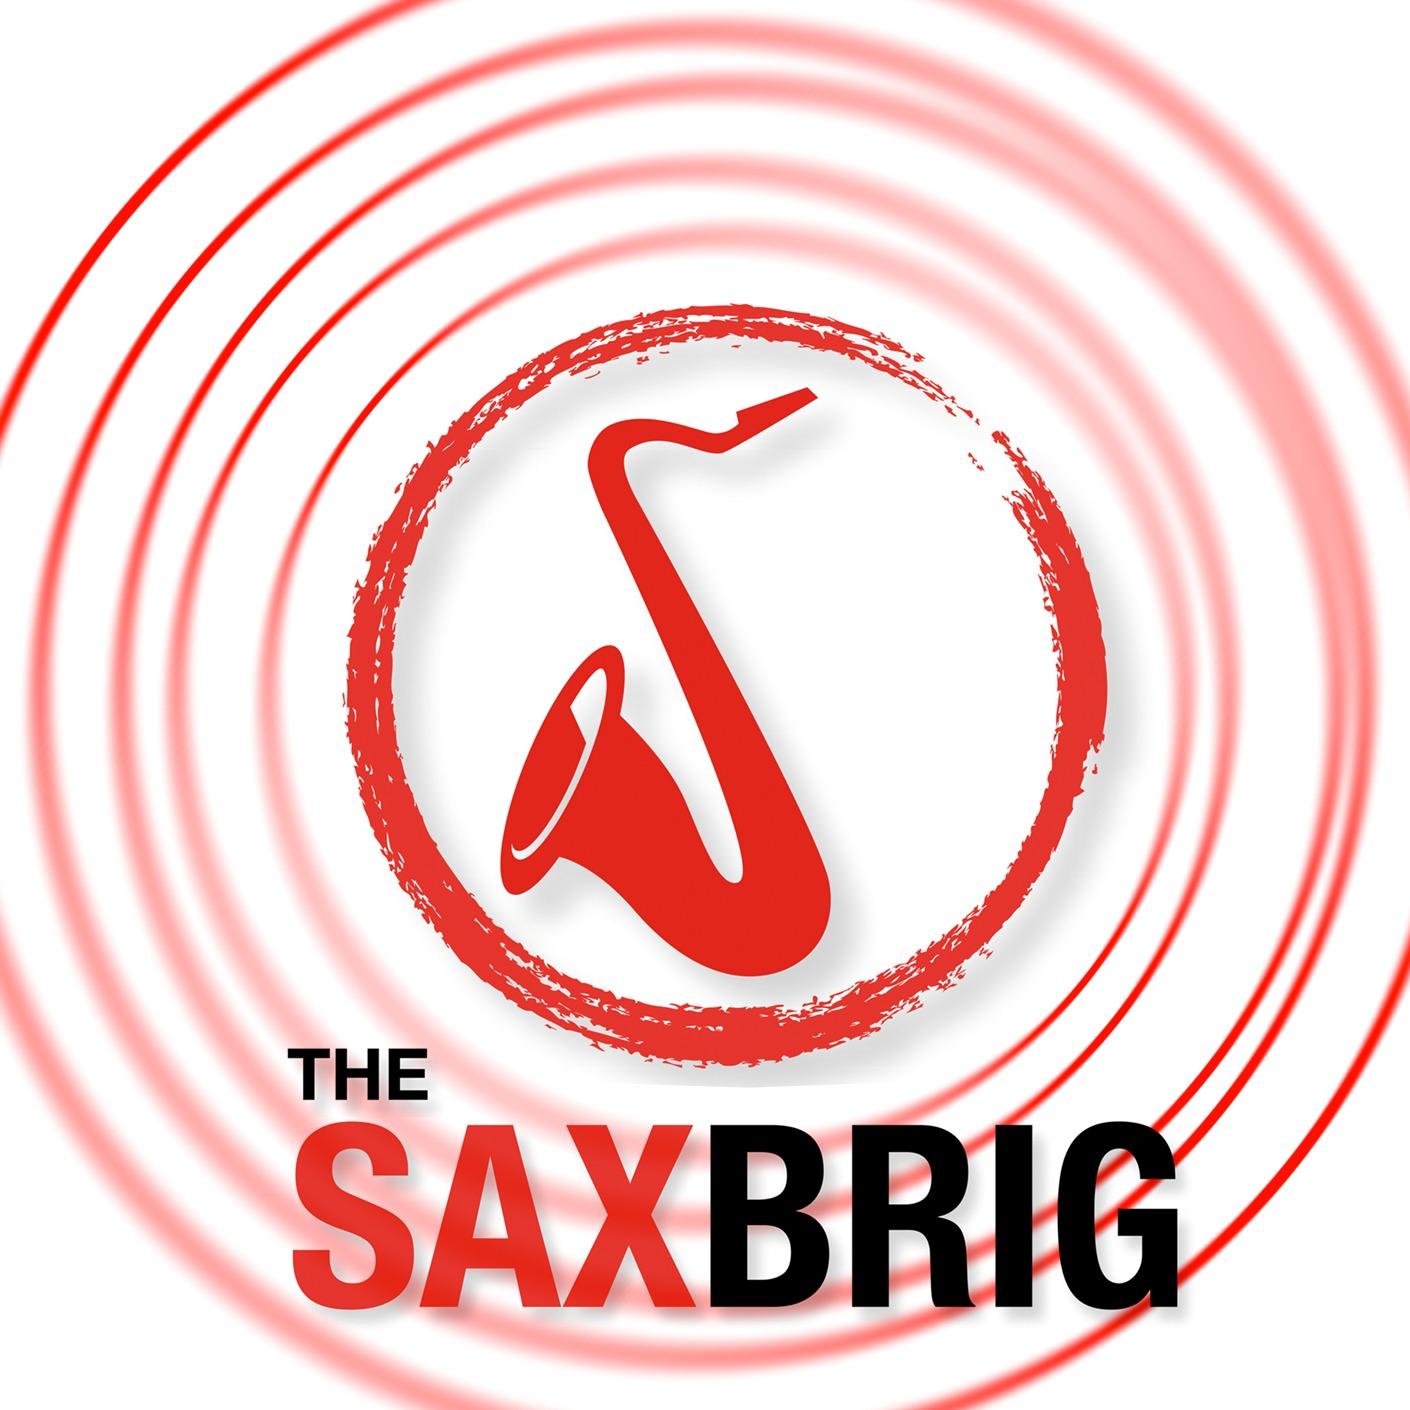 02 Saxbrig Saxophon Podcast Episode 2 - Stell mir Fragen zum Thema Saxophon spielen und Saxophon lernen!